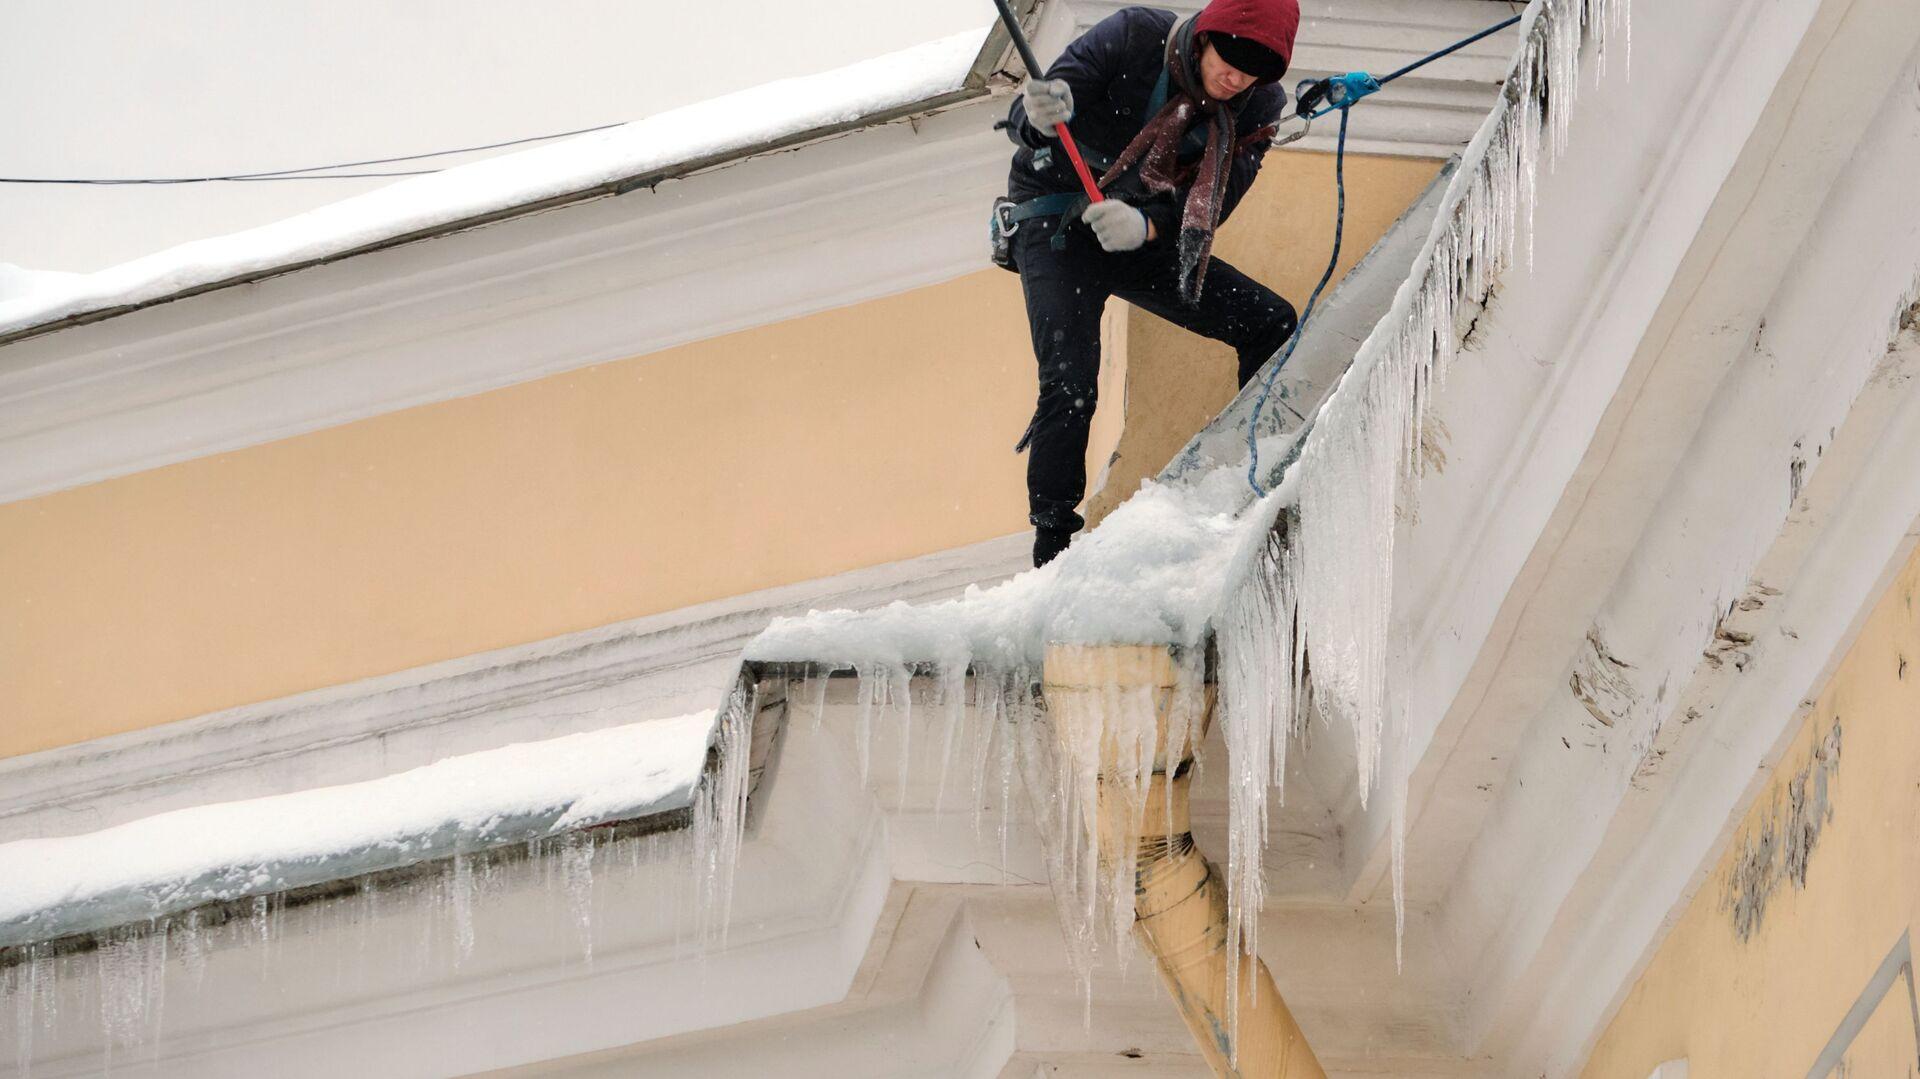 Работник коммунальной службы чистит от снега и сосулек крышу дома в Санкт-Петербурге - РИА Новости, 1920, 23.01.2021